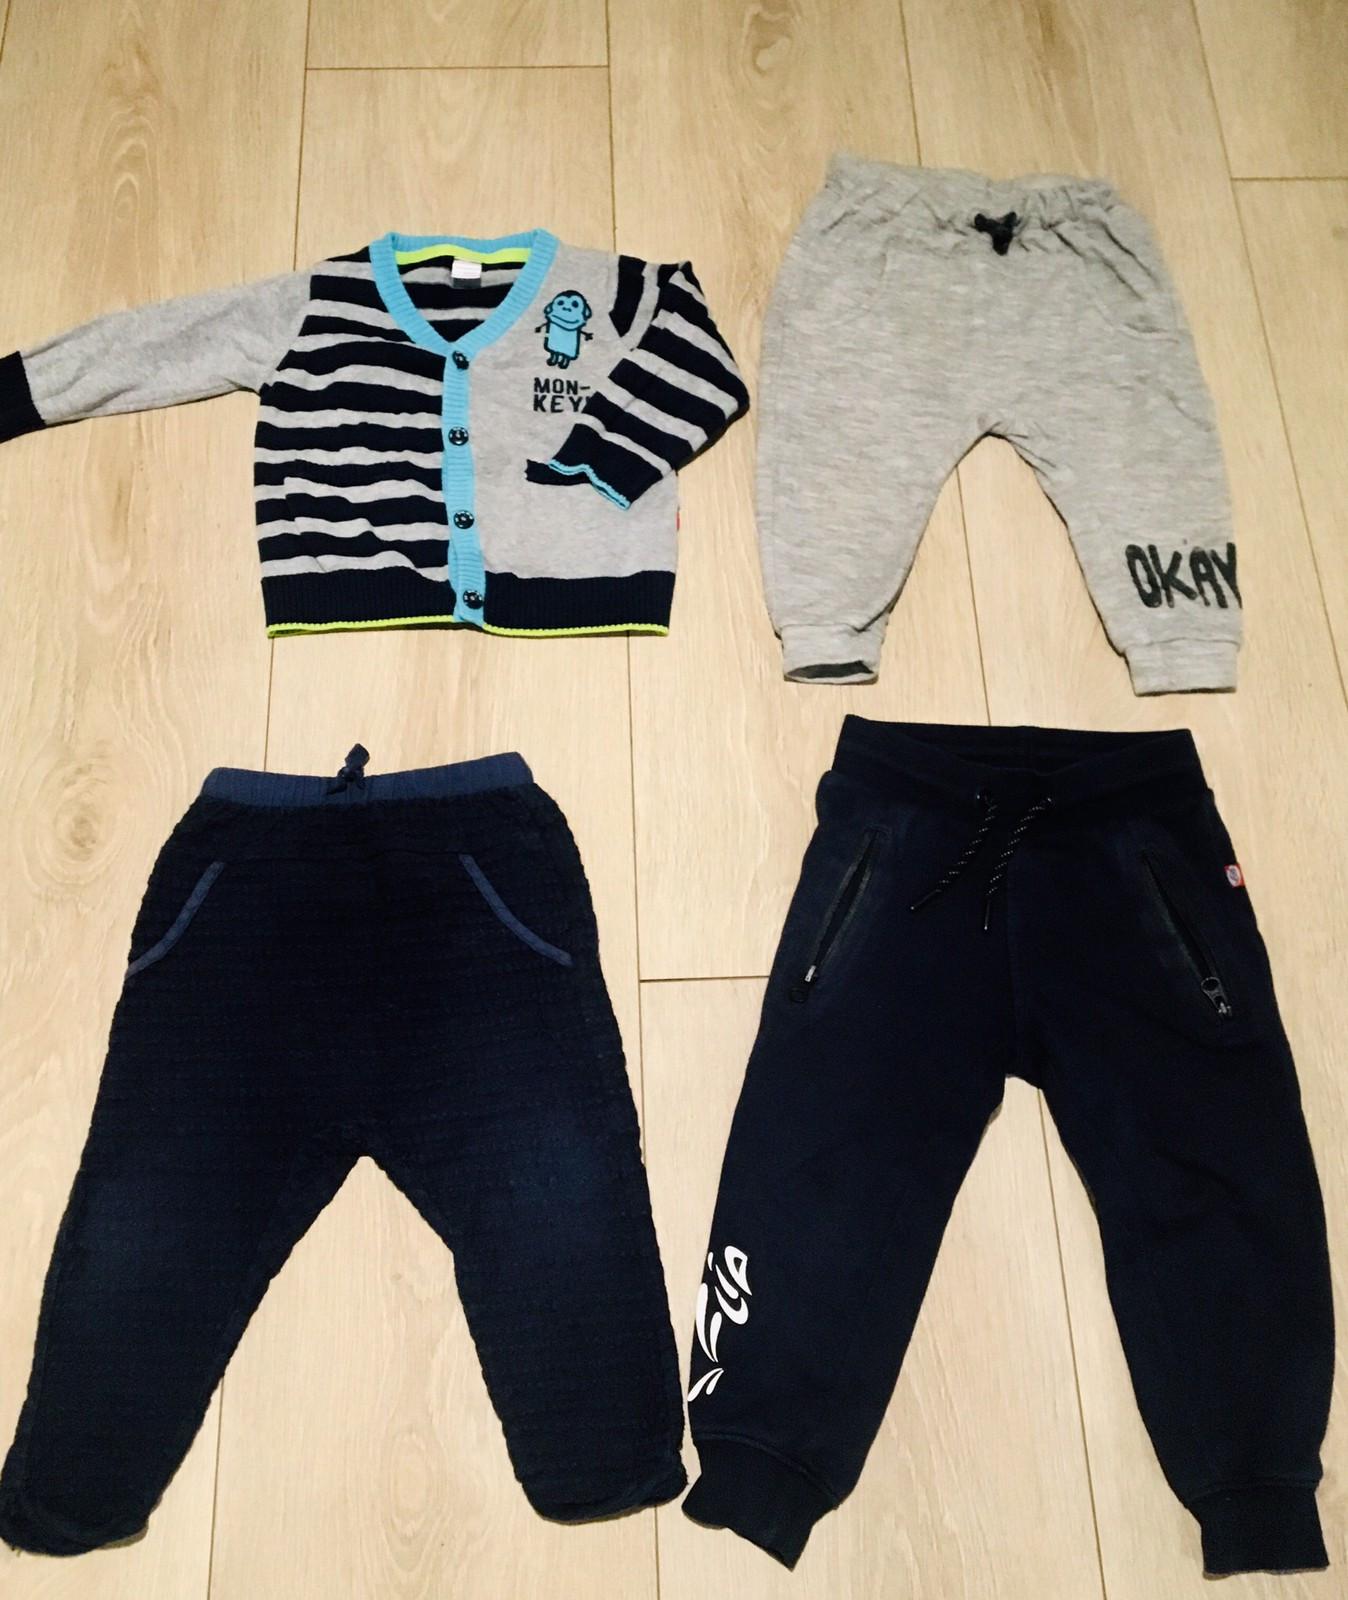 784d55ba Pent brukte klær gutt Str 86/92 | FINN.no